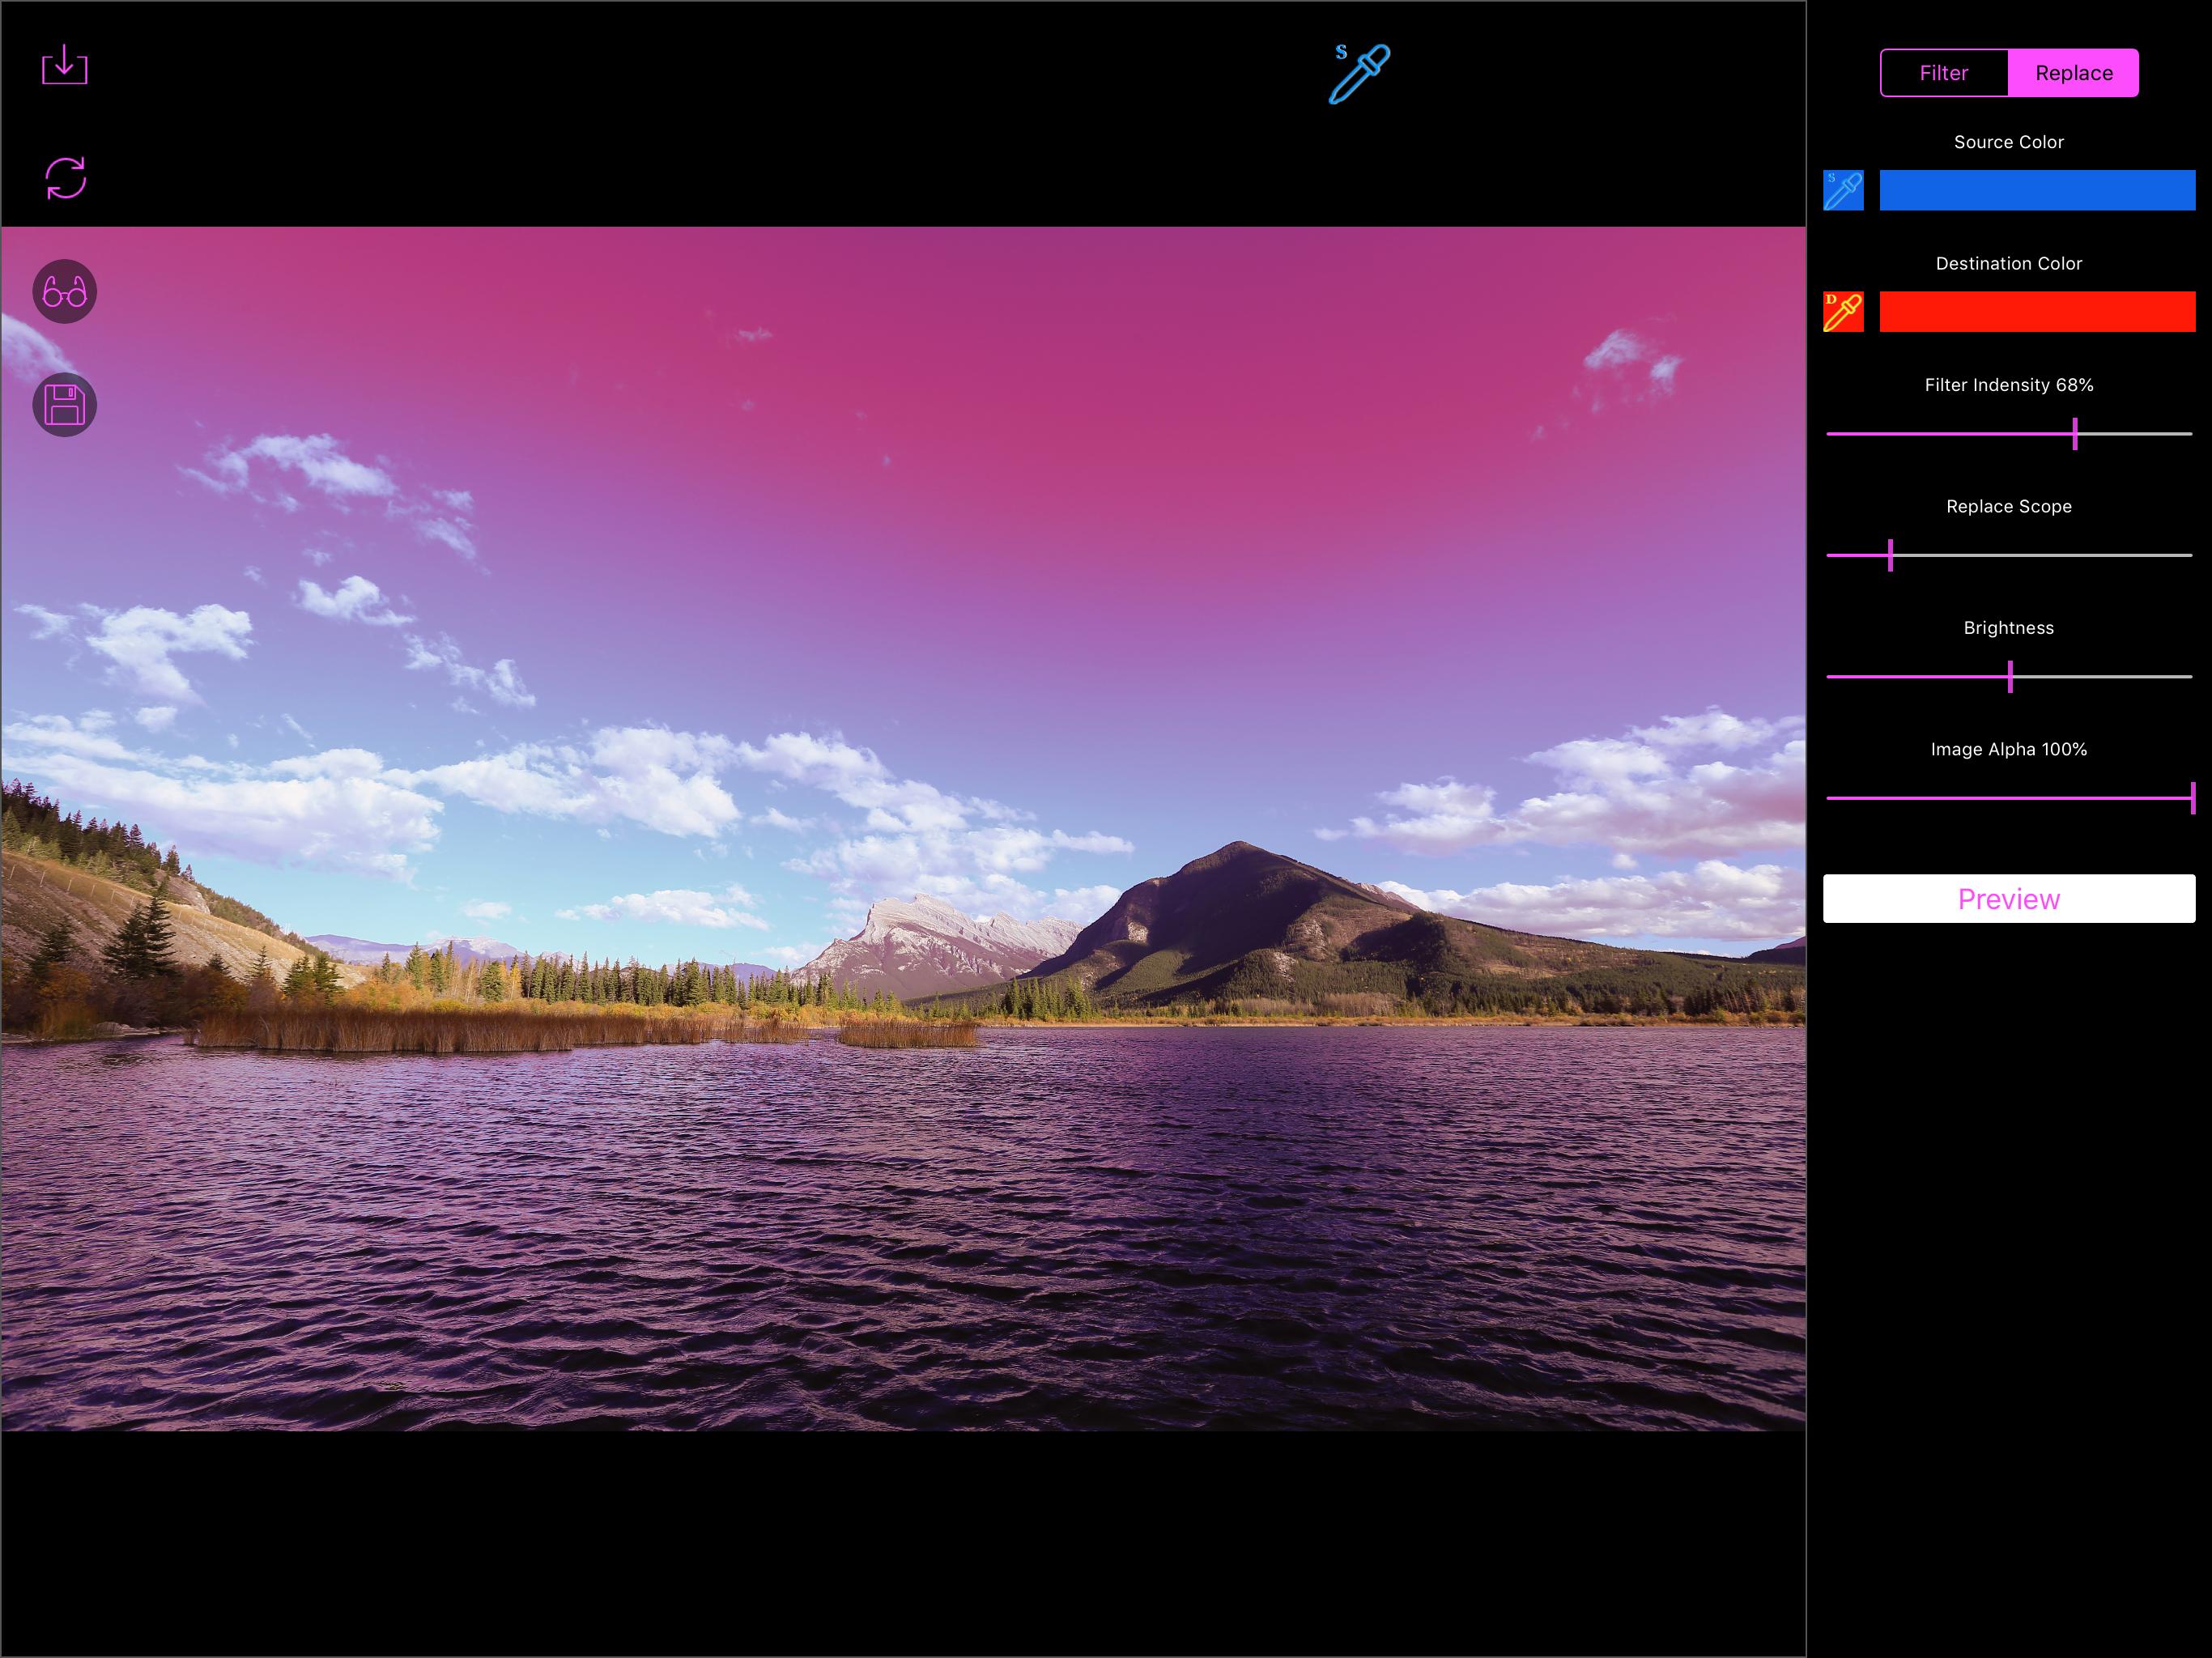 Simulator Screen Shot - iPad Pro (12